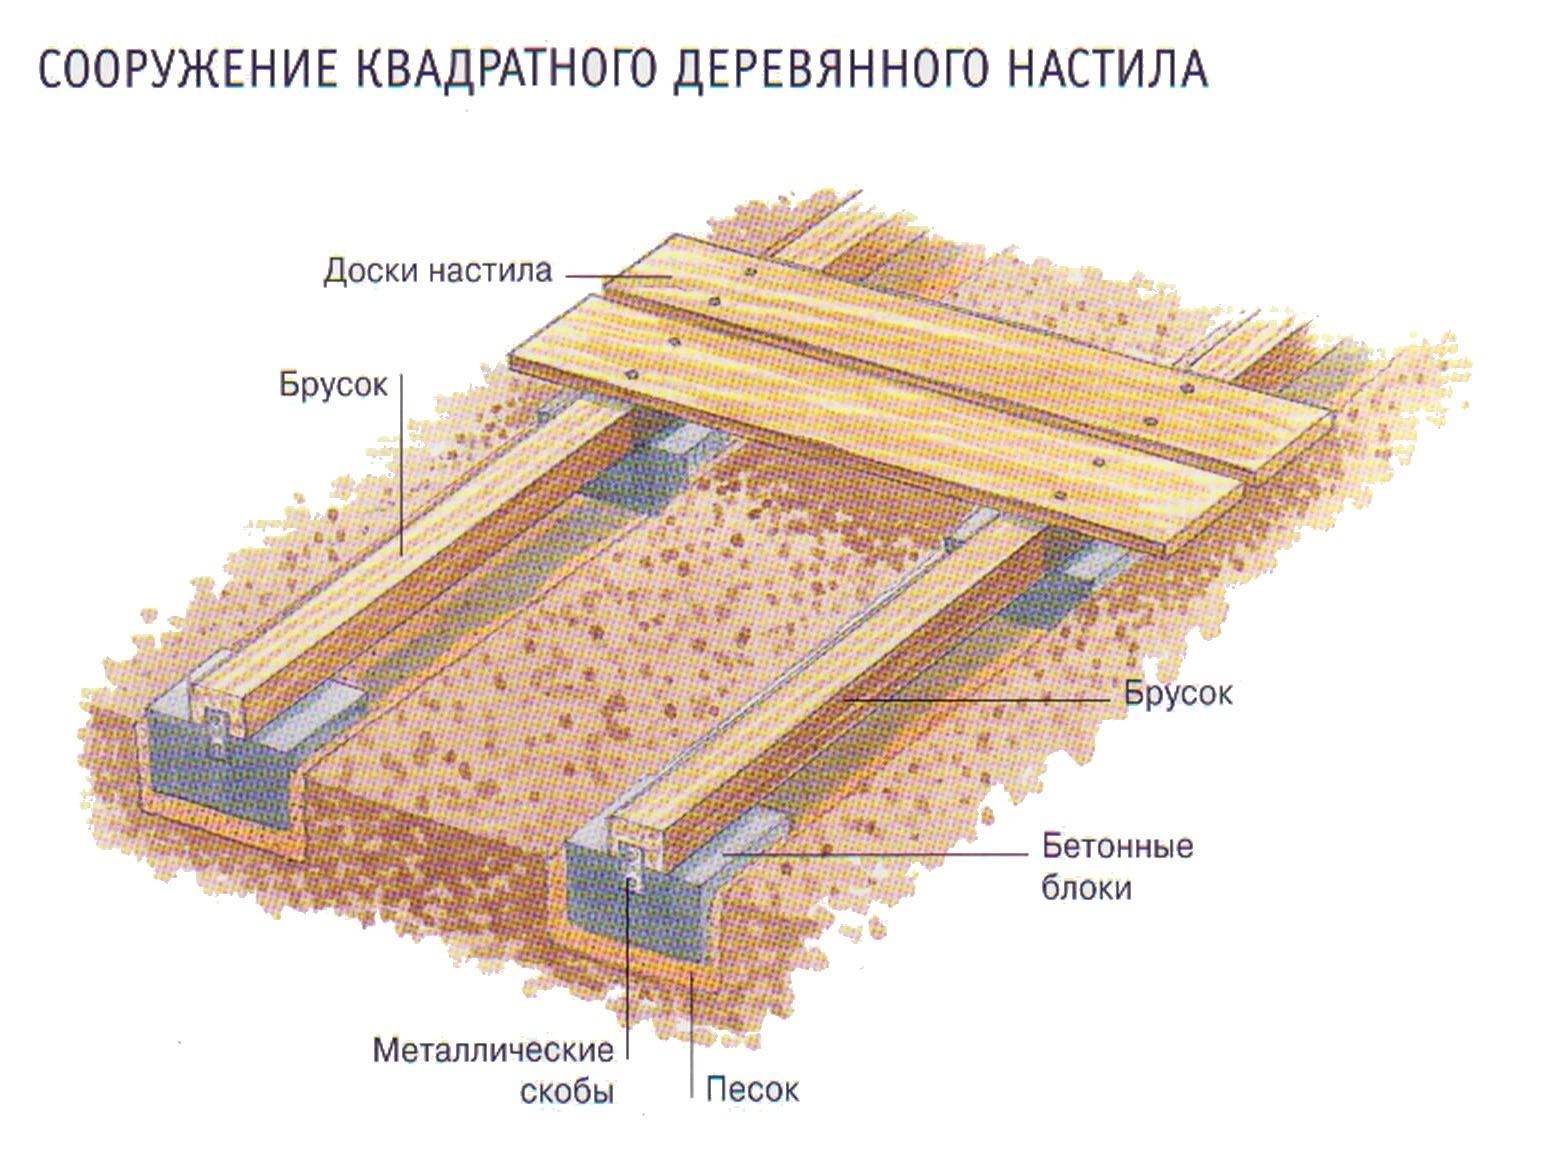 Создание деревянного настила